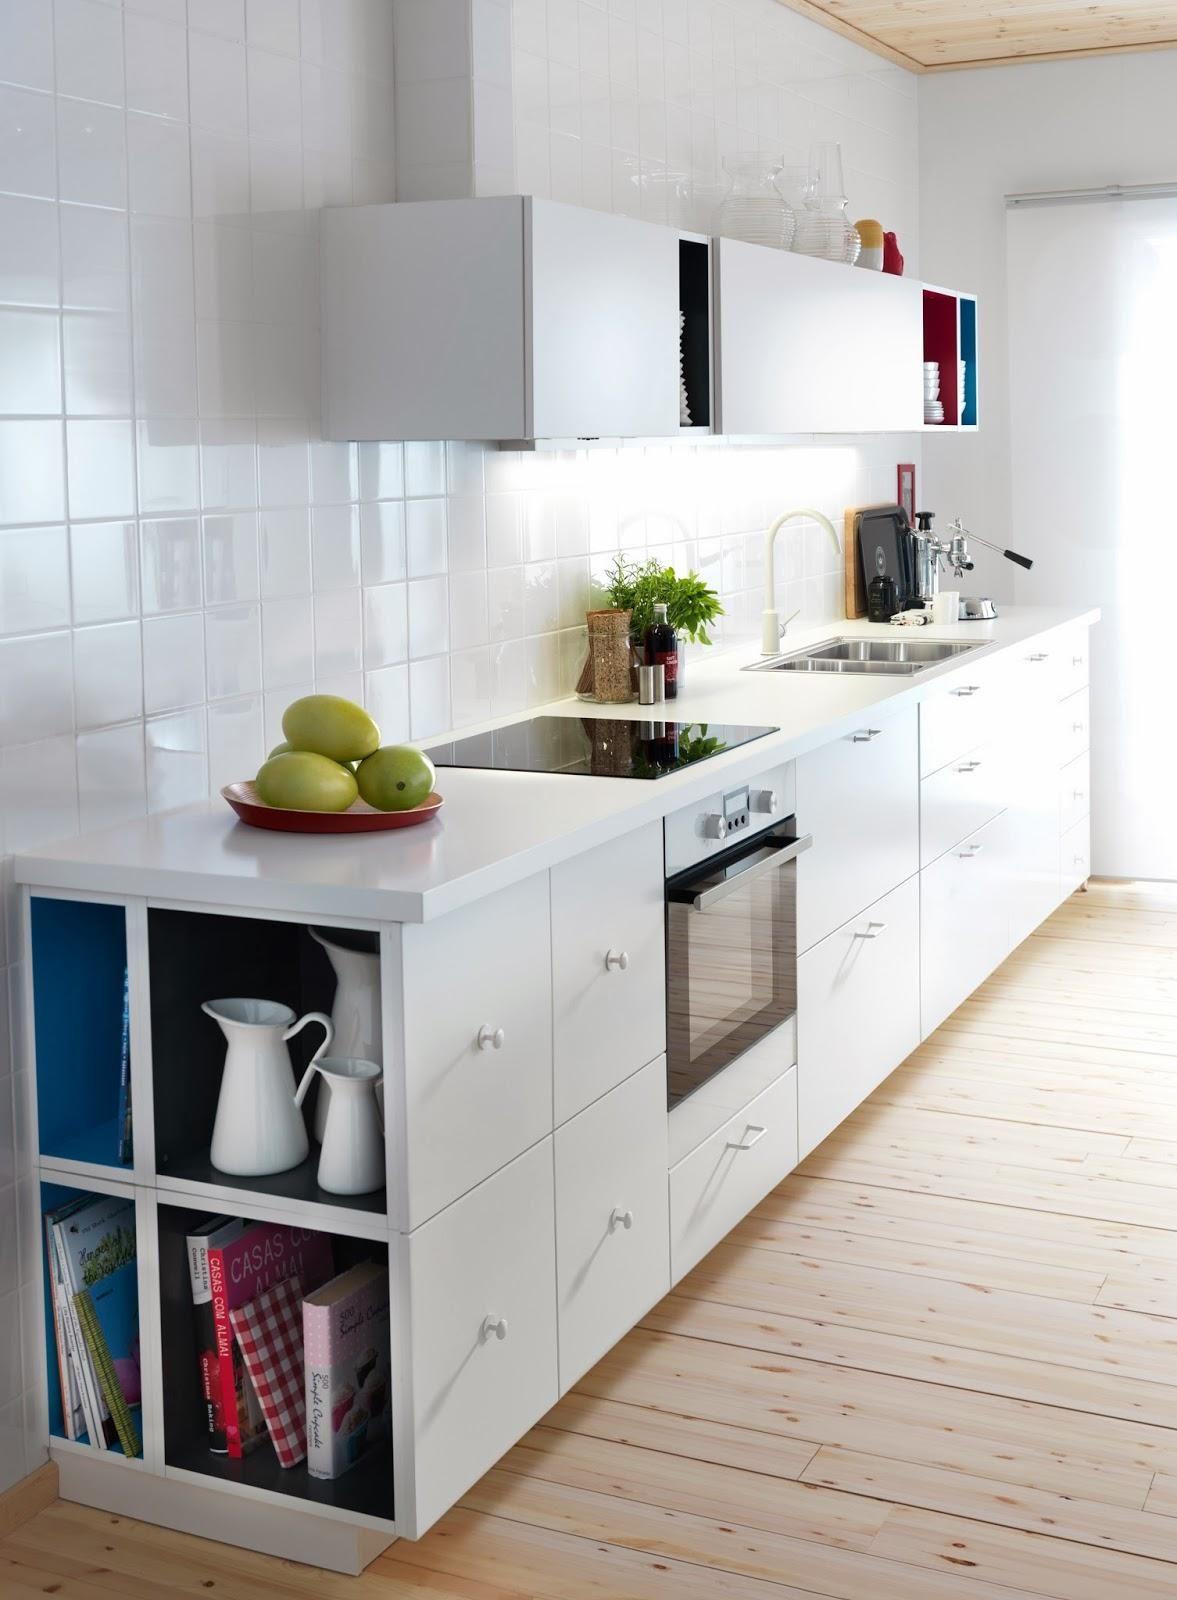 Schön Küche Mit Standherd